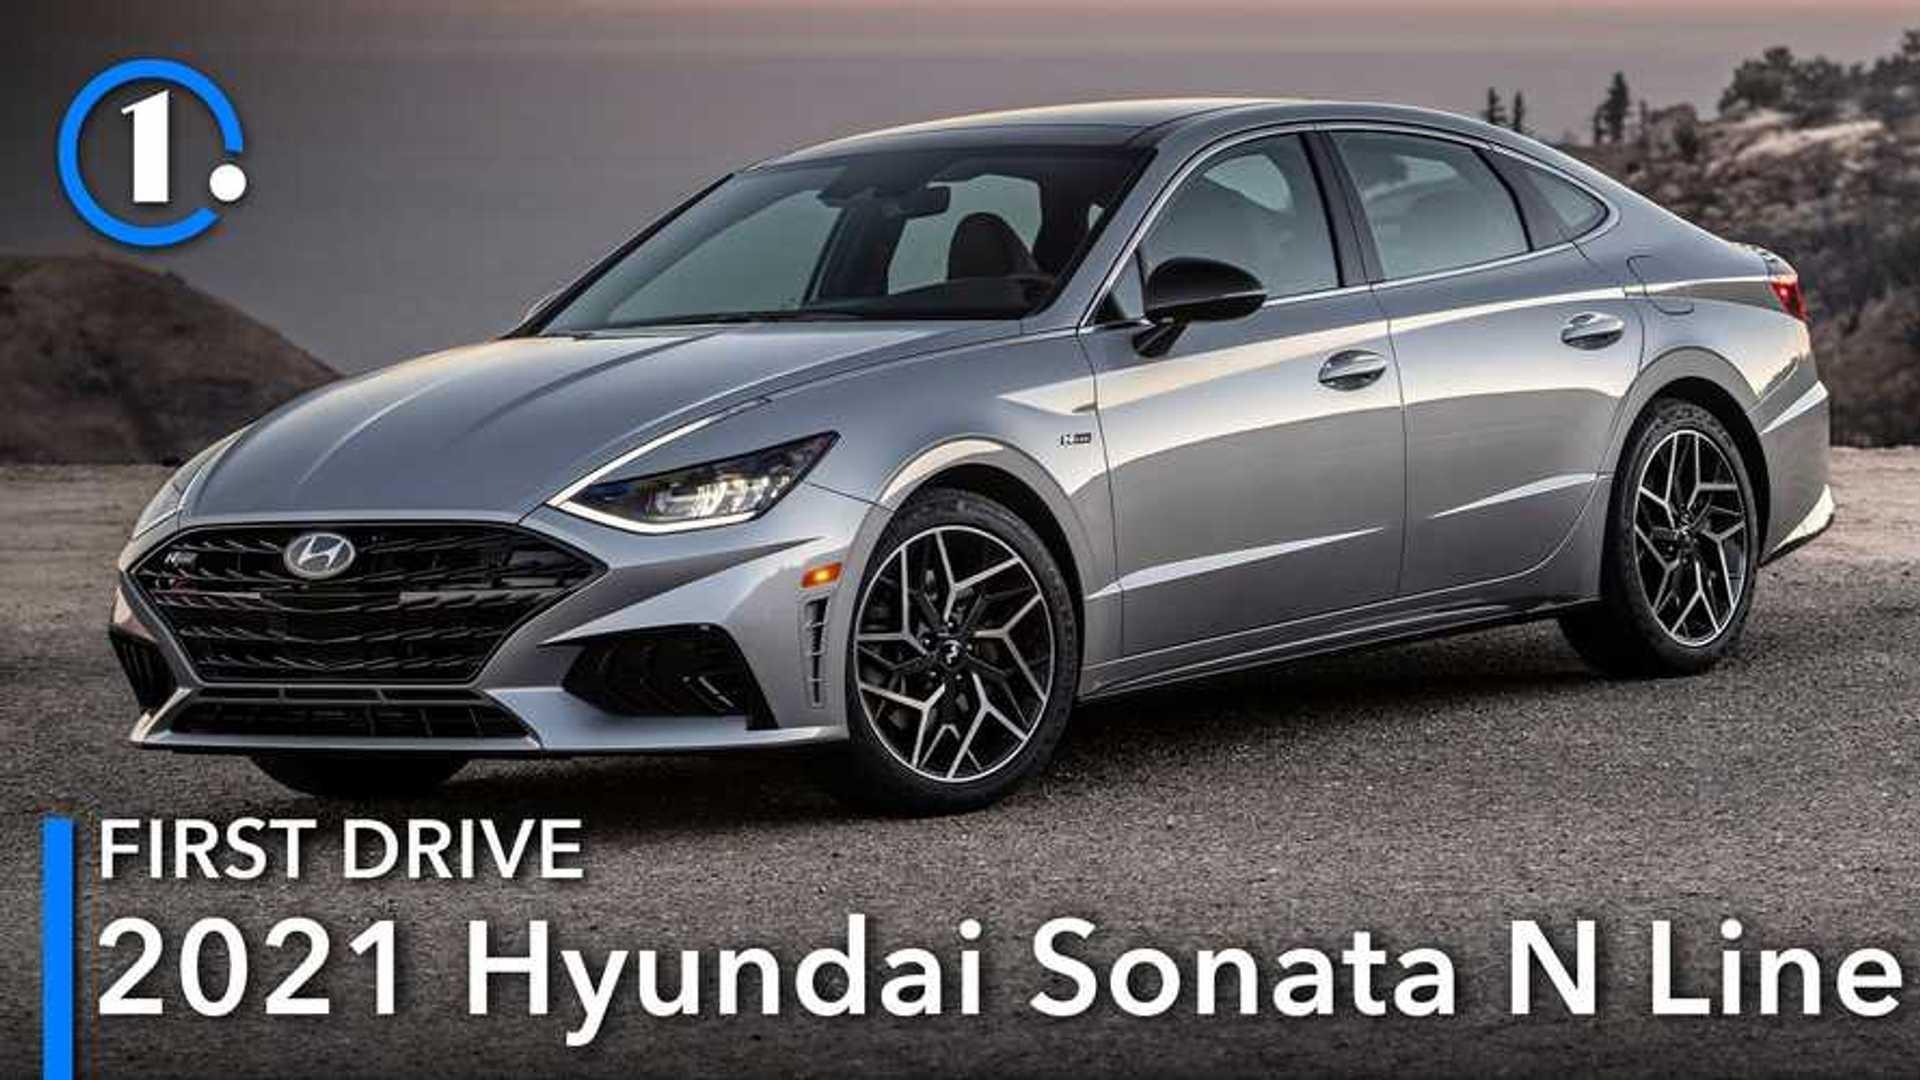 2021 Hyundai Sonata N Line First Drive: Simply The Best